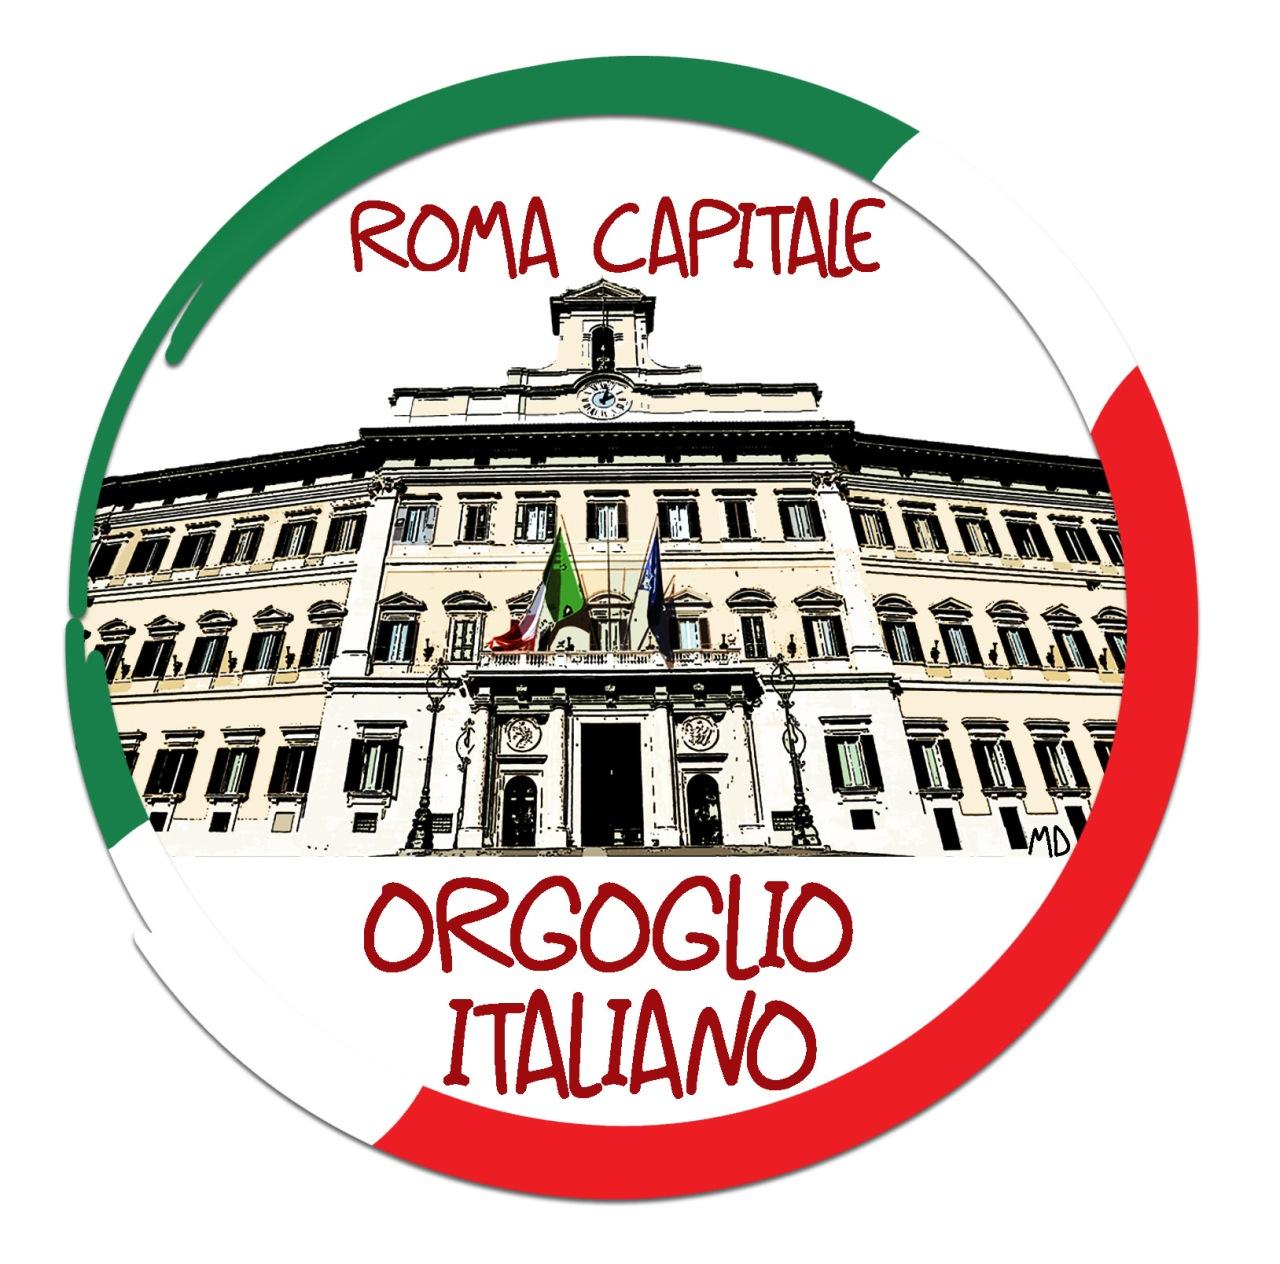 Conferenza stampa alla Camera su Roma capitale orgoglio italiano il 17settembre